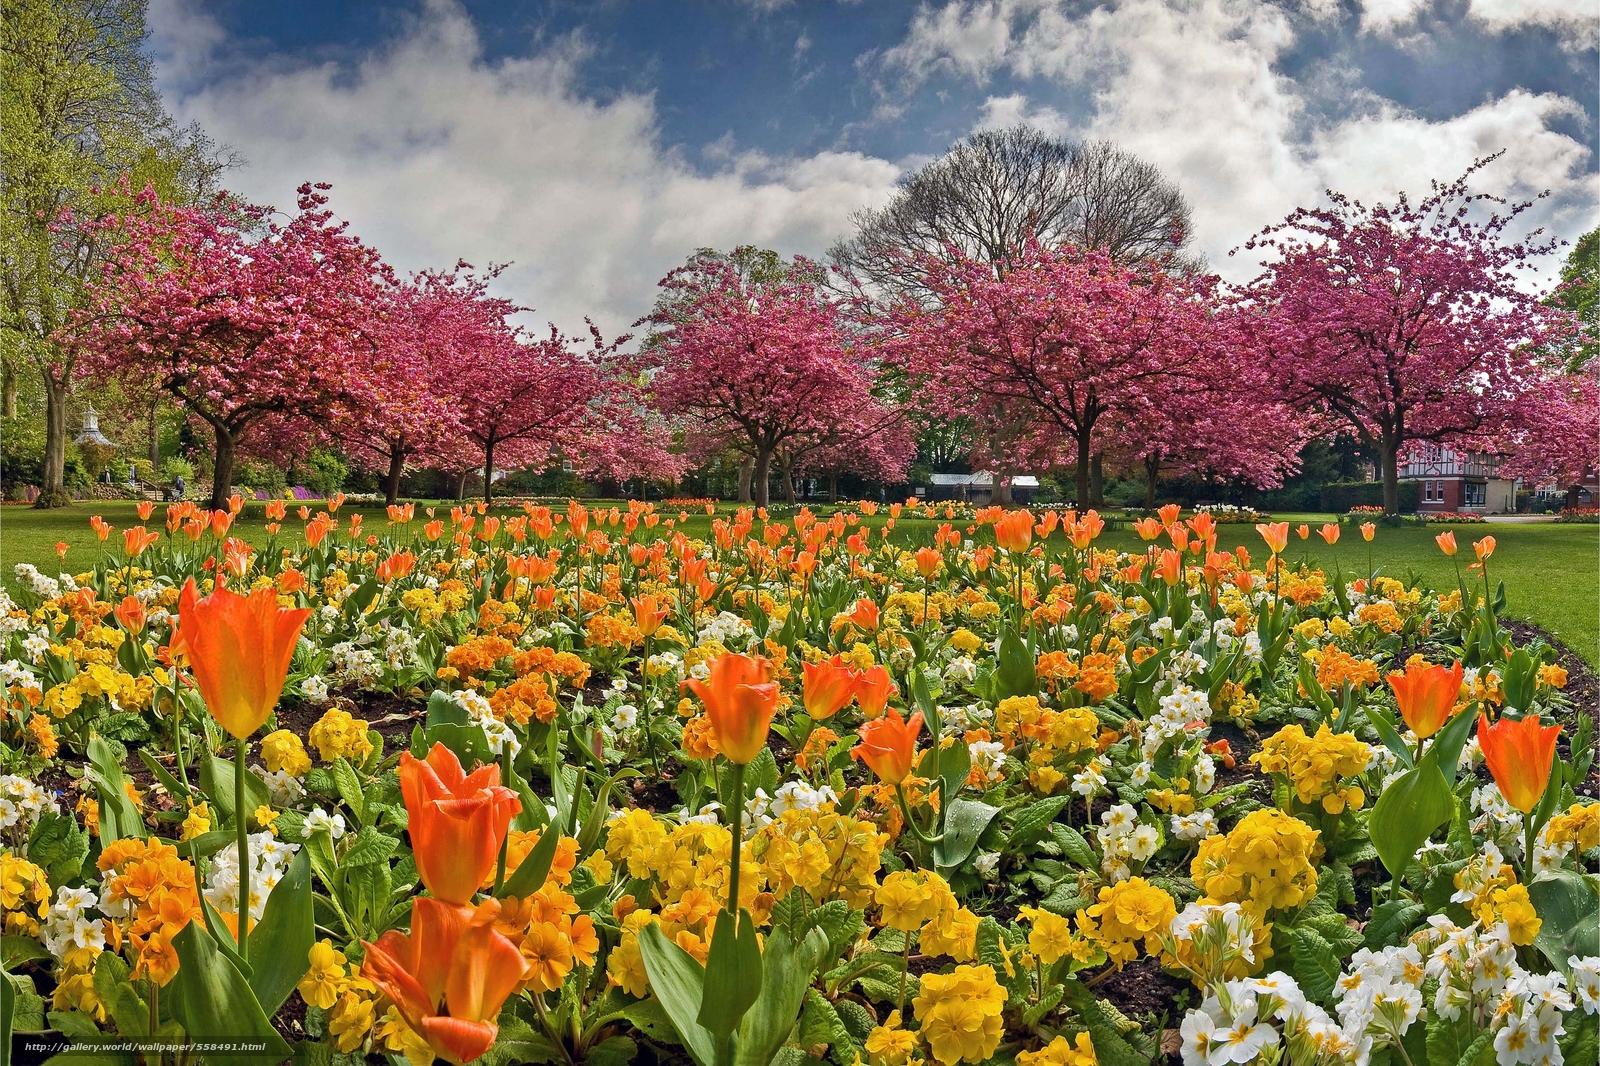 Tlcharger fond d 39 ecran jardin parterre de fleurs arbres for Parterre de fleurs